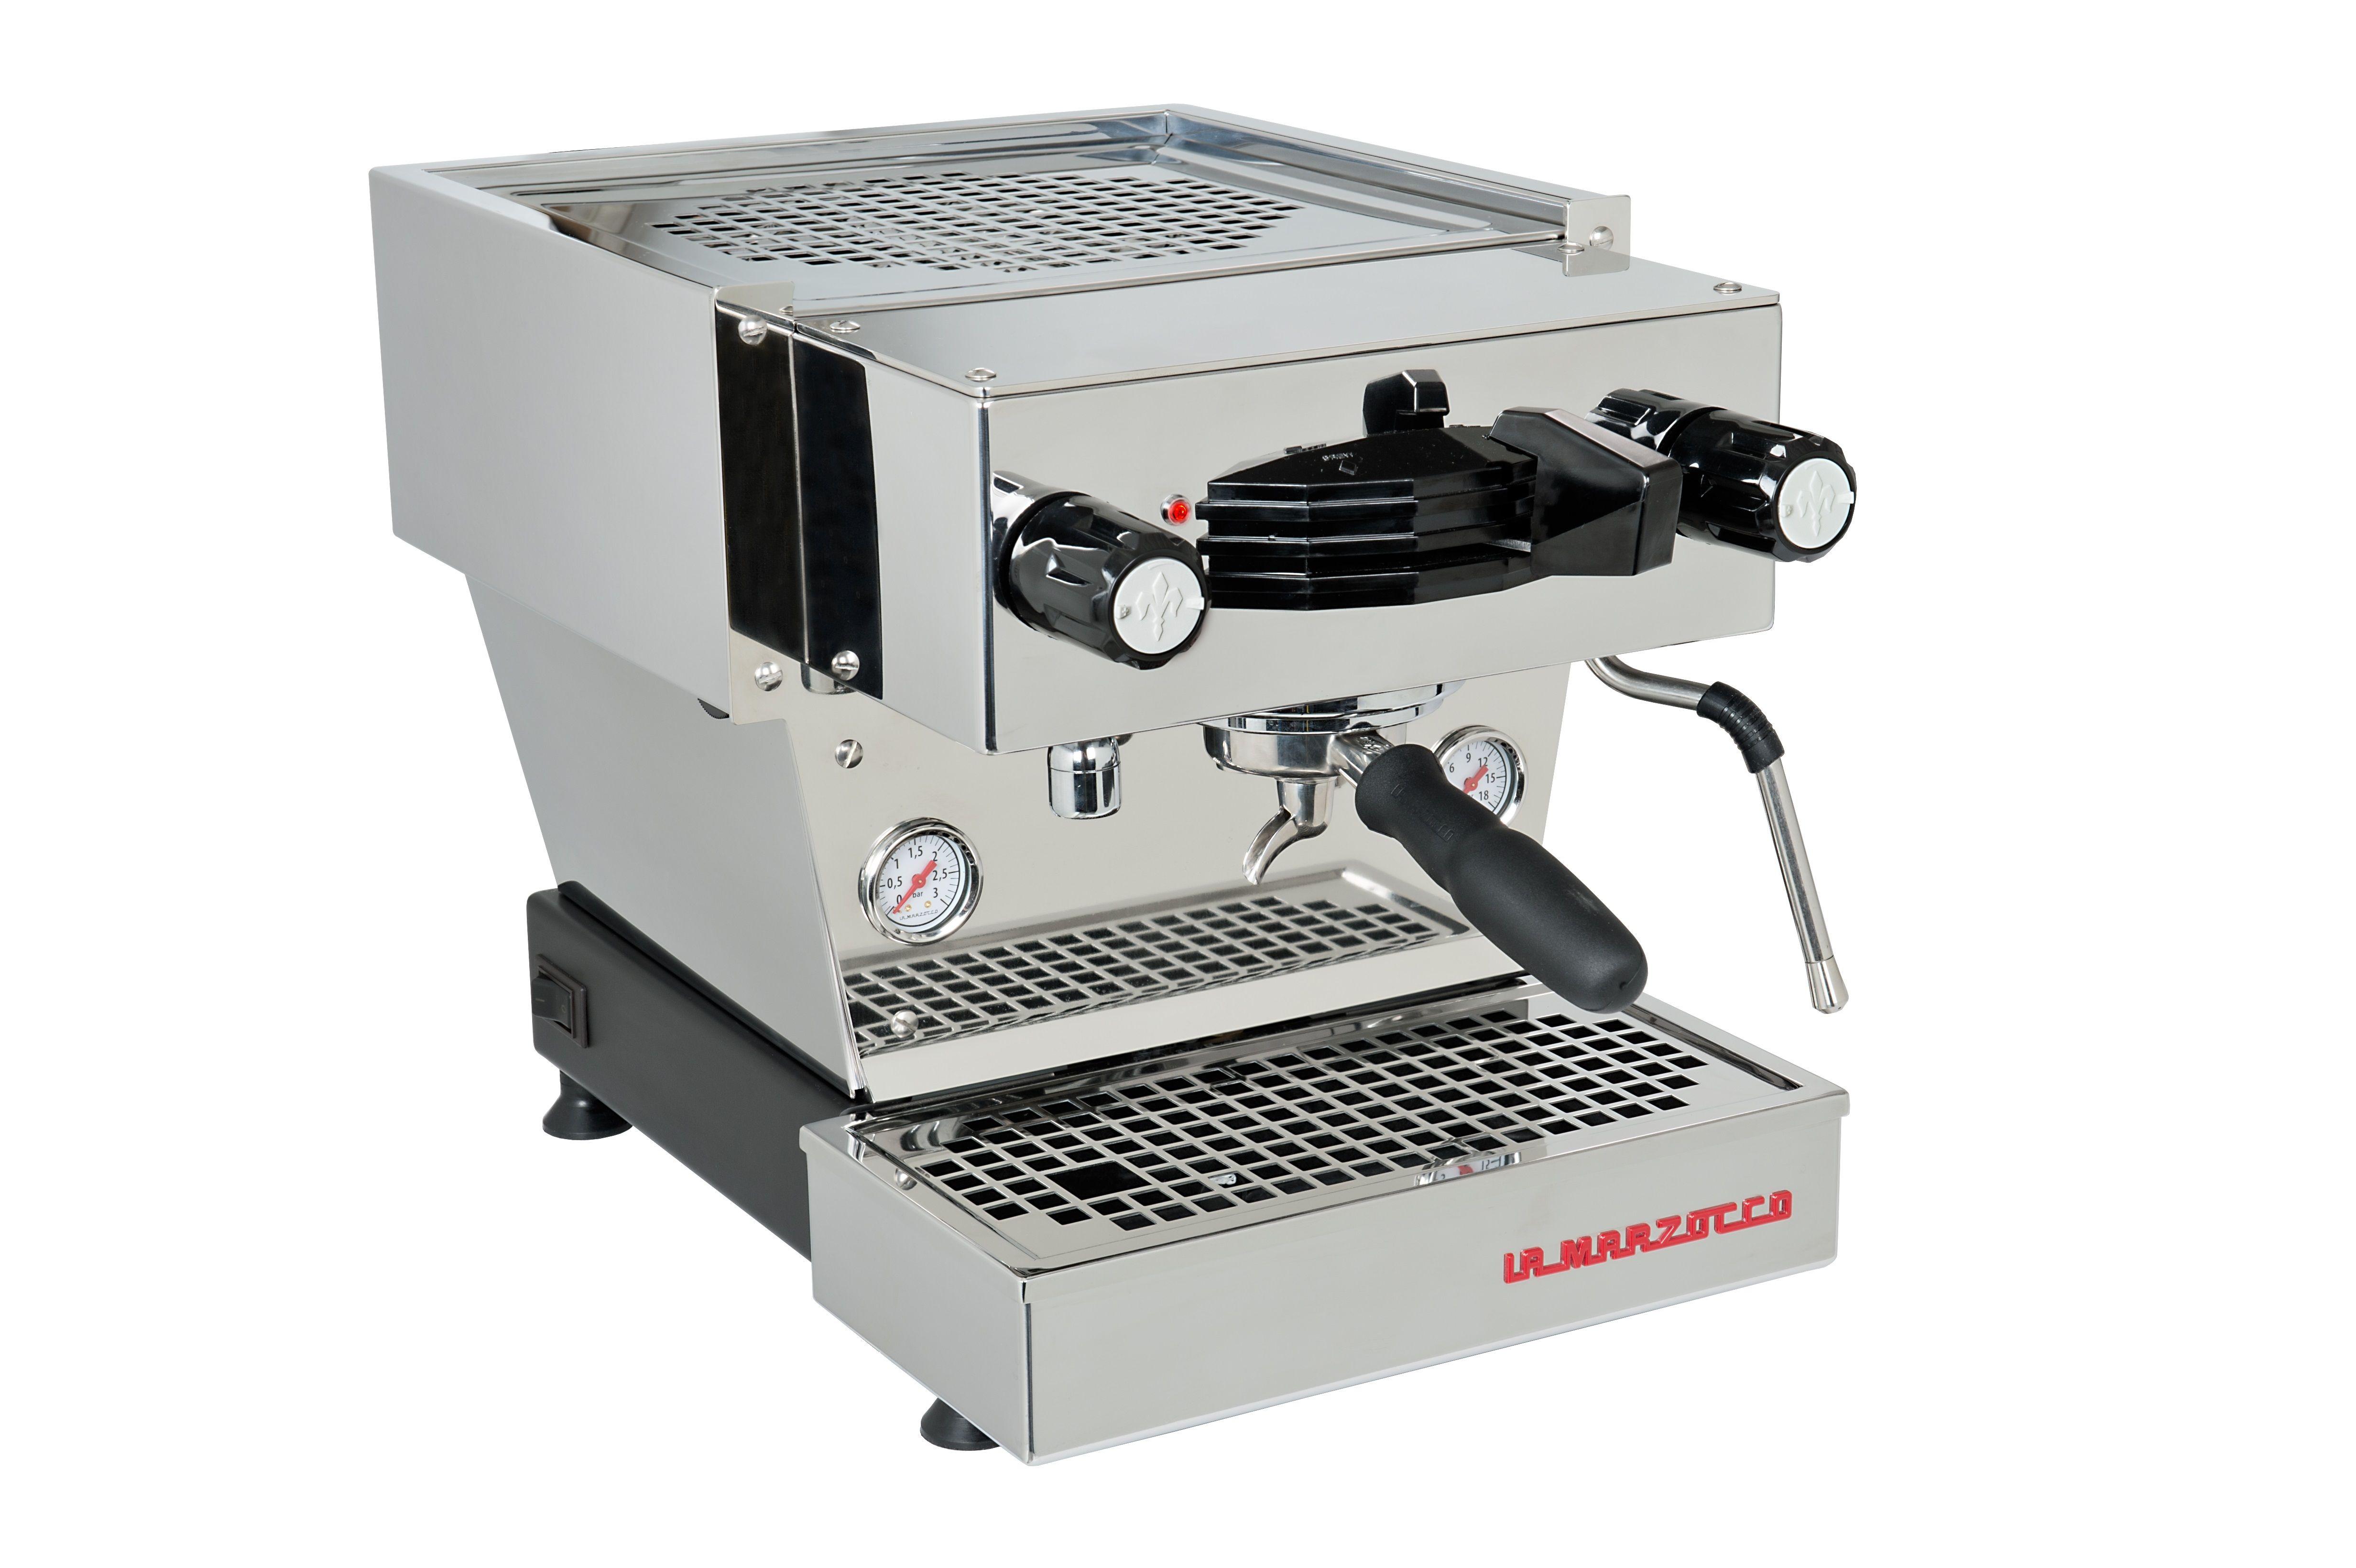 Linea Mini La Marzocco Best espresso machine, Home